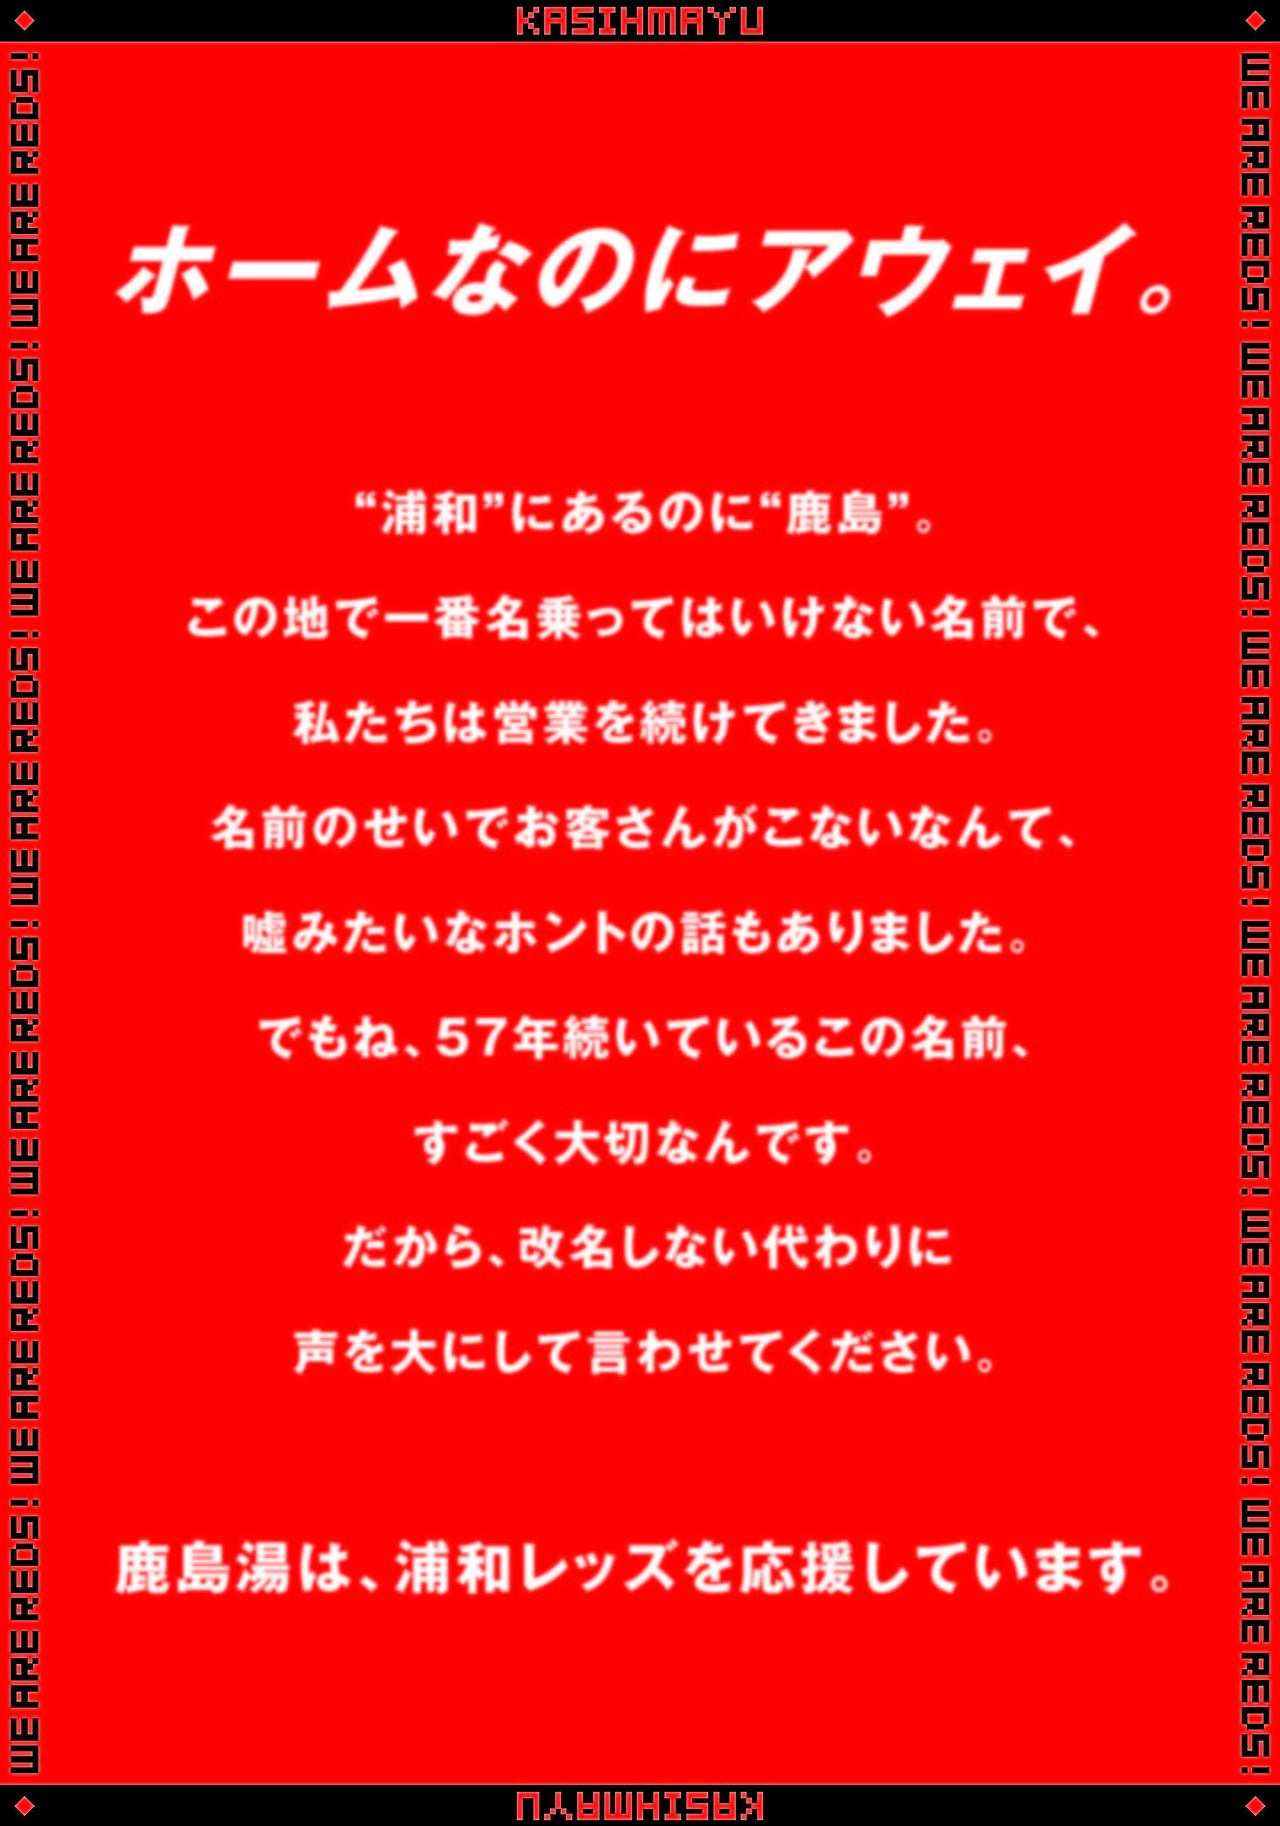 kashimayu-2_ページ_01